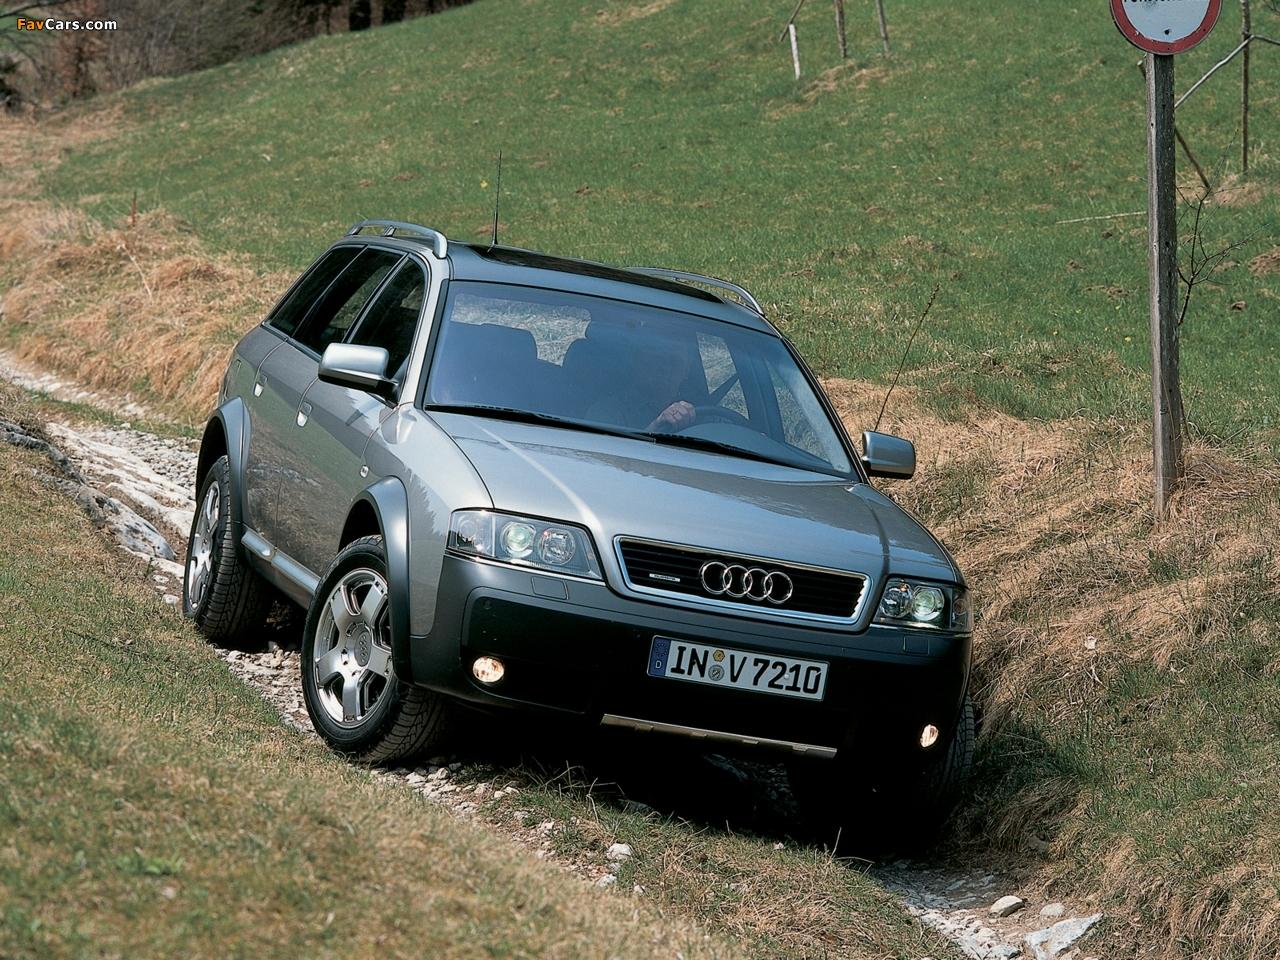 Images Of Audi Allroad 2 5 Tdi Quattro 4b C5 2000 06 1280x960